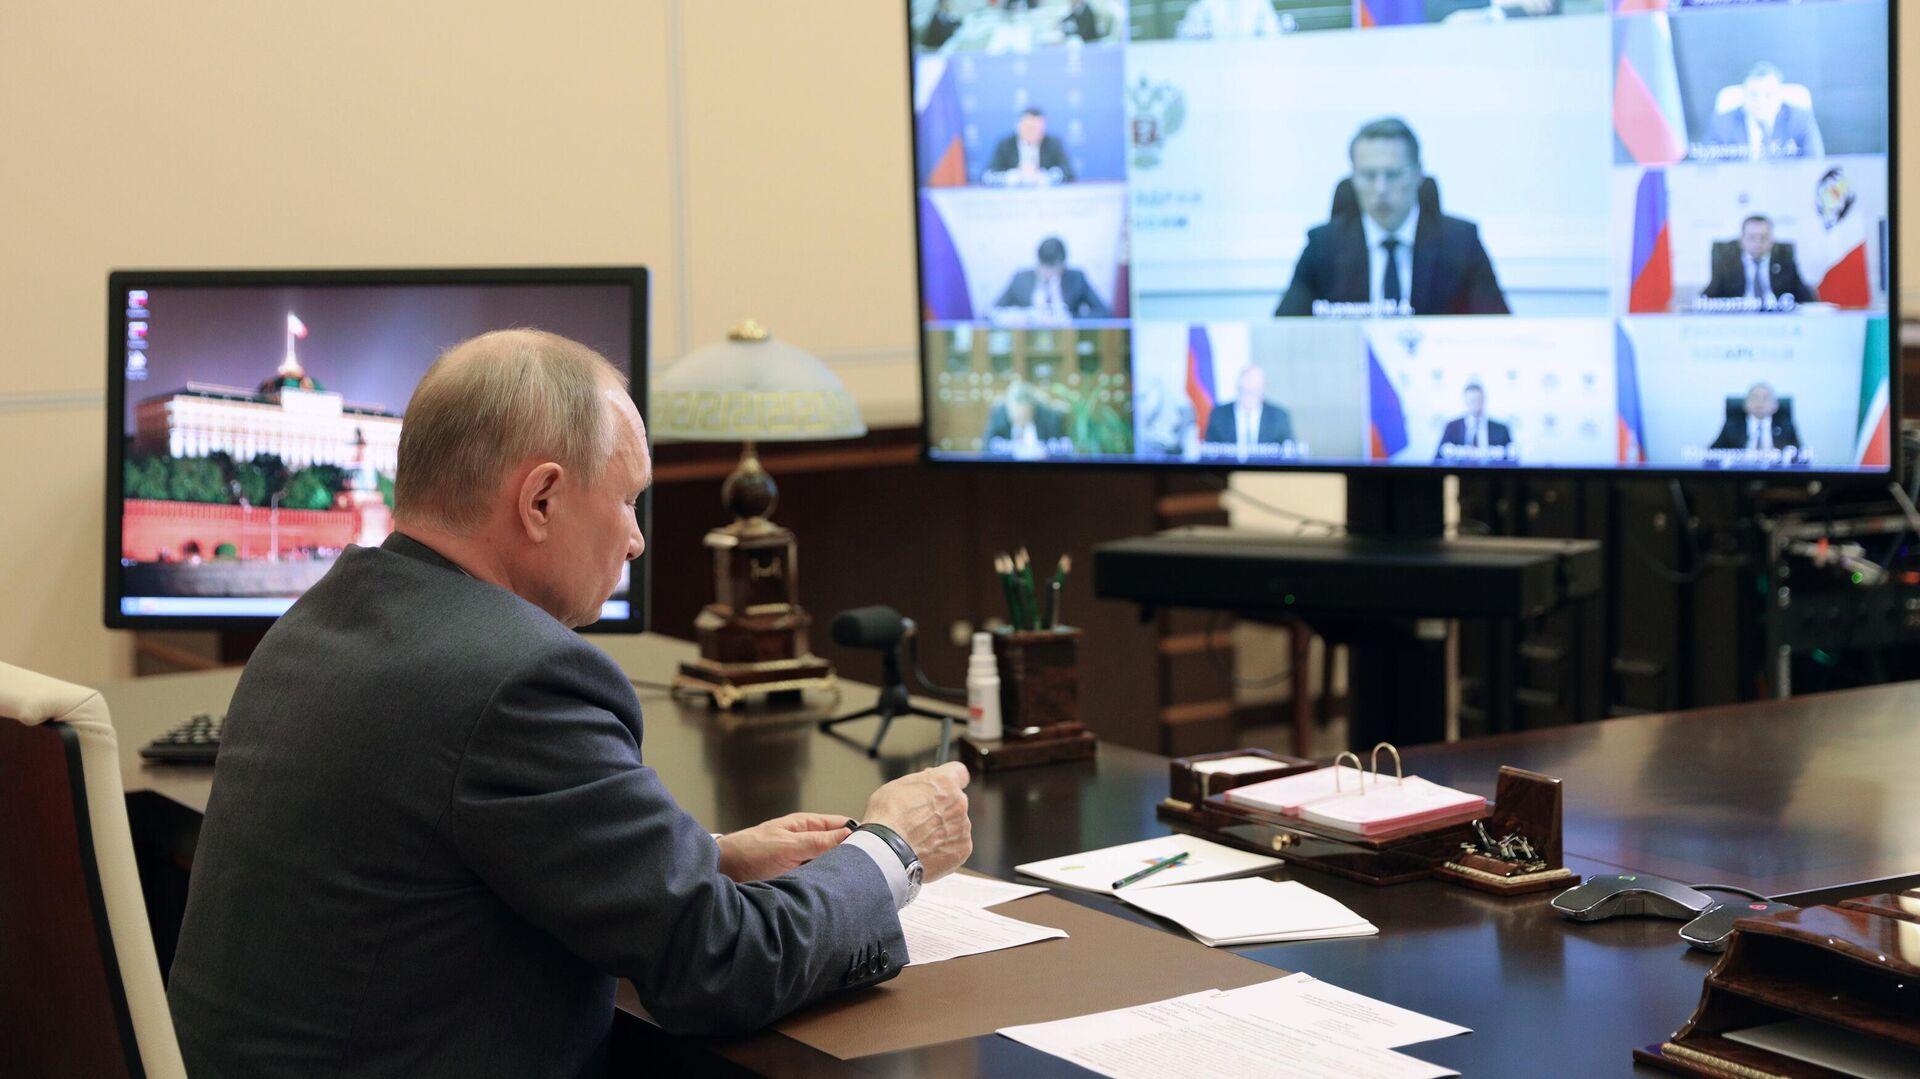 Президент РФ В. Путин провел совещание с членами правительства РФ - РИА Новости, 1920, 13.05.2021